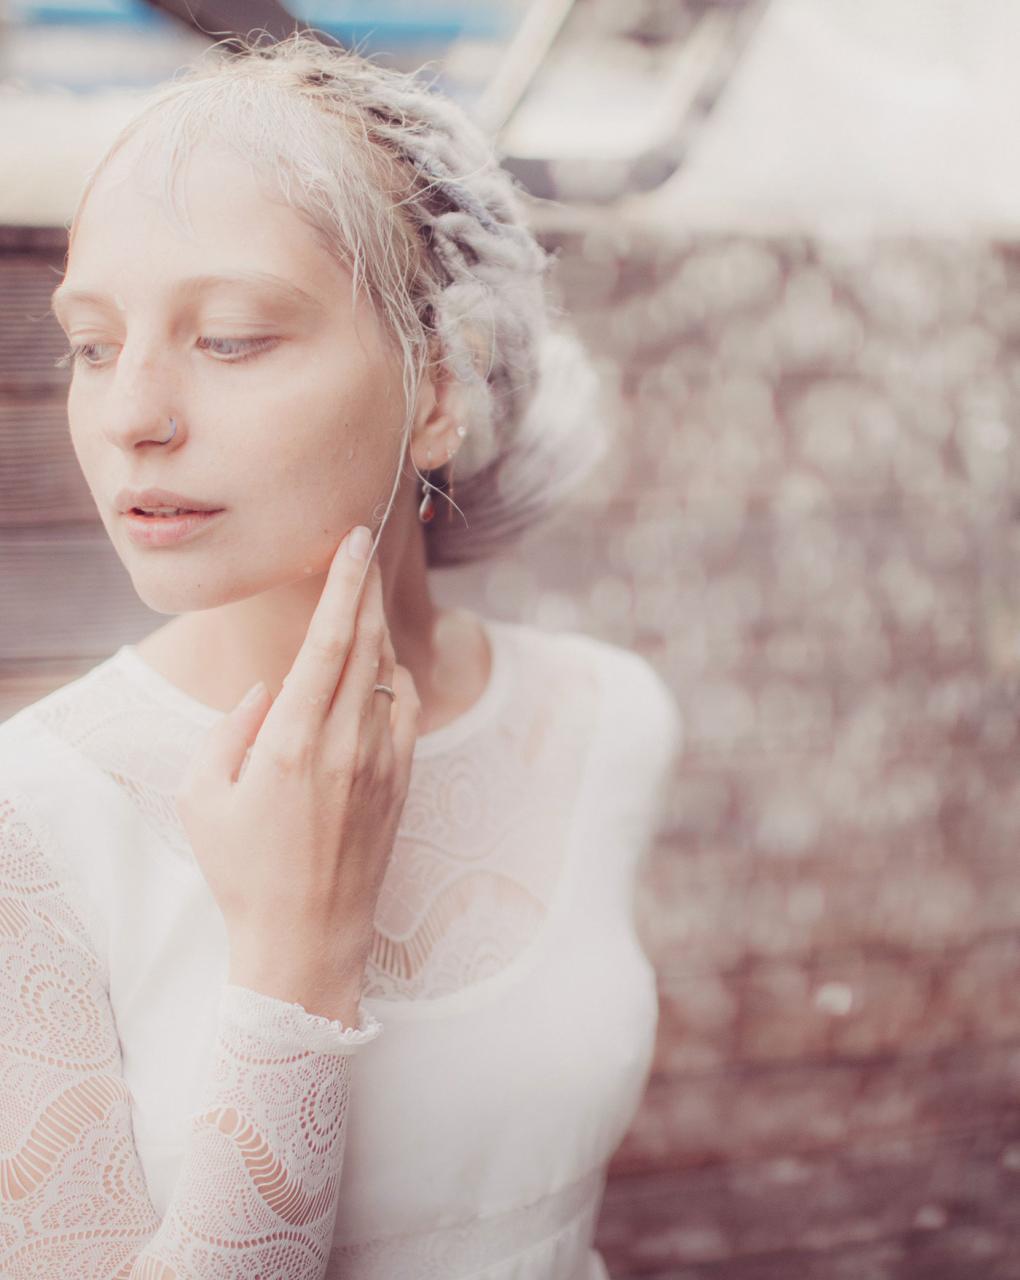 乌克兰摄影Marta syrko 人像摄影作品【blue line】 时尚图库 第1张